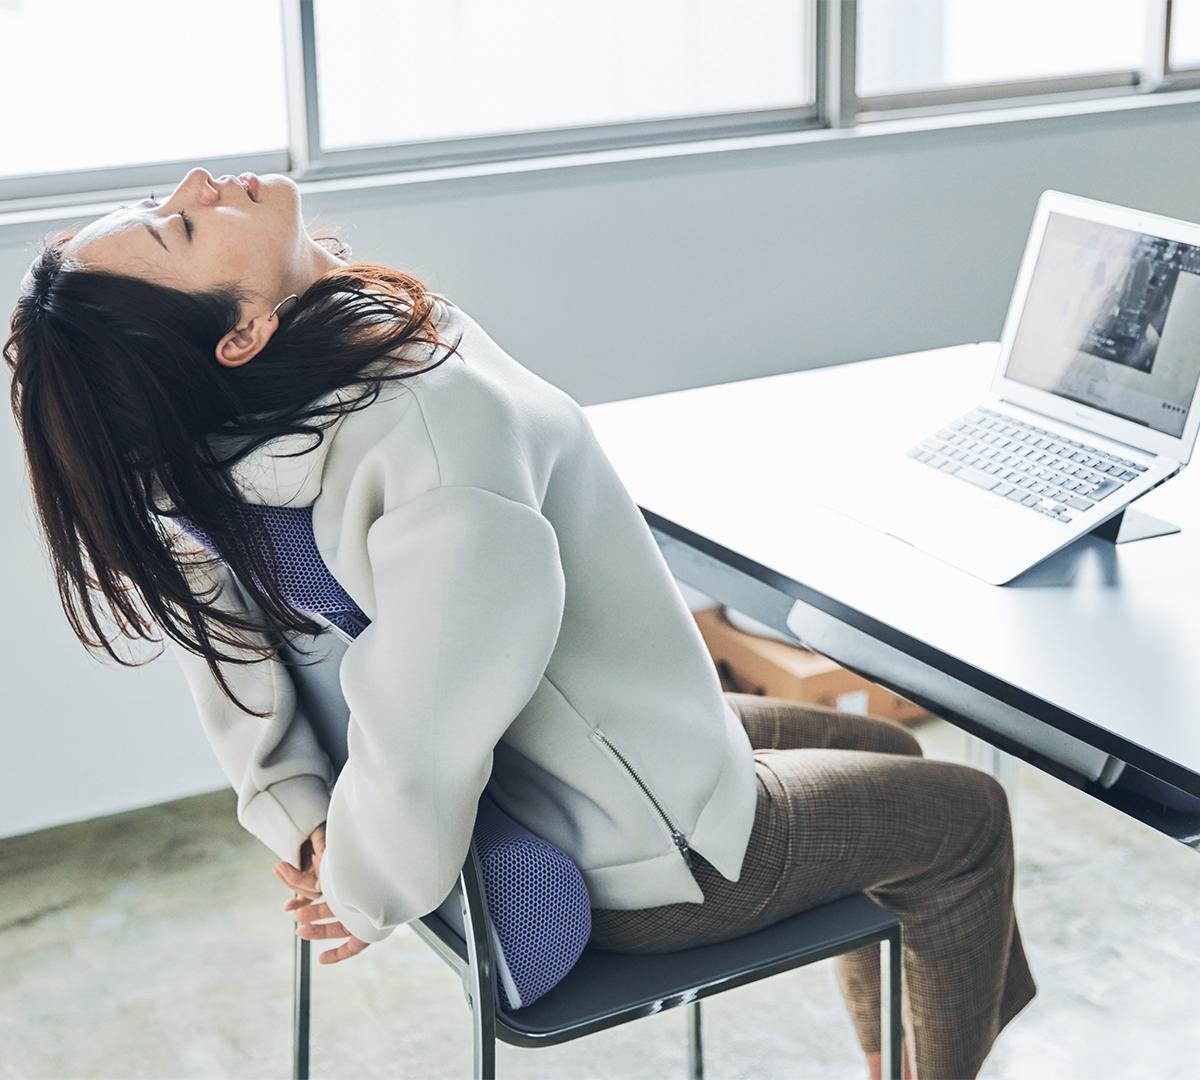 背中|手軽に3ヵ所の筋肉(大胸筋・腹直筋・大腰筋)を的確にストレッチできる、考え抜かれたデザイン。予約殺到「ソリデンテ南青山」サロンの技を自宅で体感できる「ストレッチ枕」|ミオドレ式寝るだけストレッチ枕